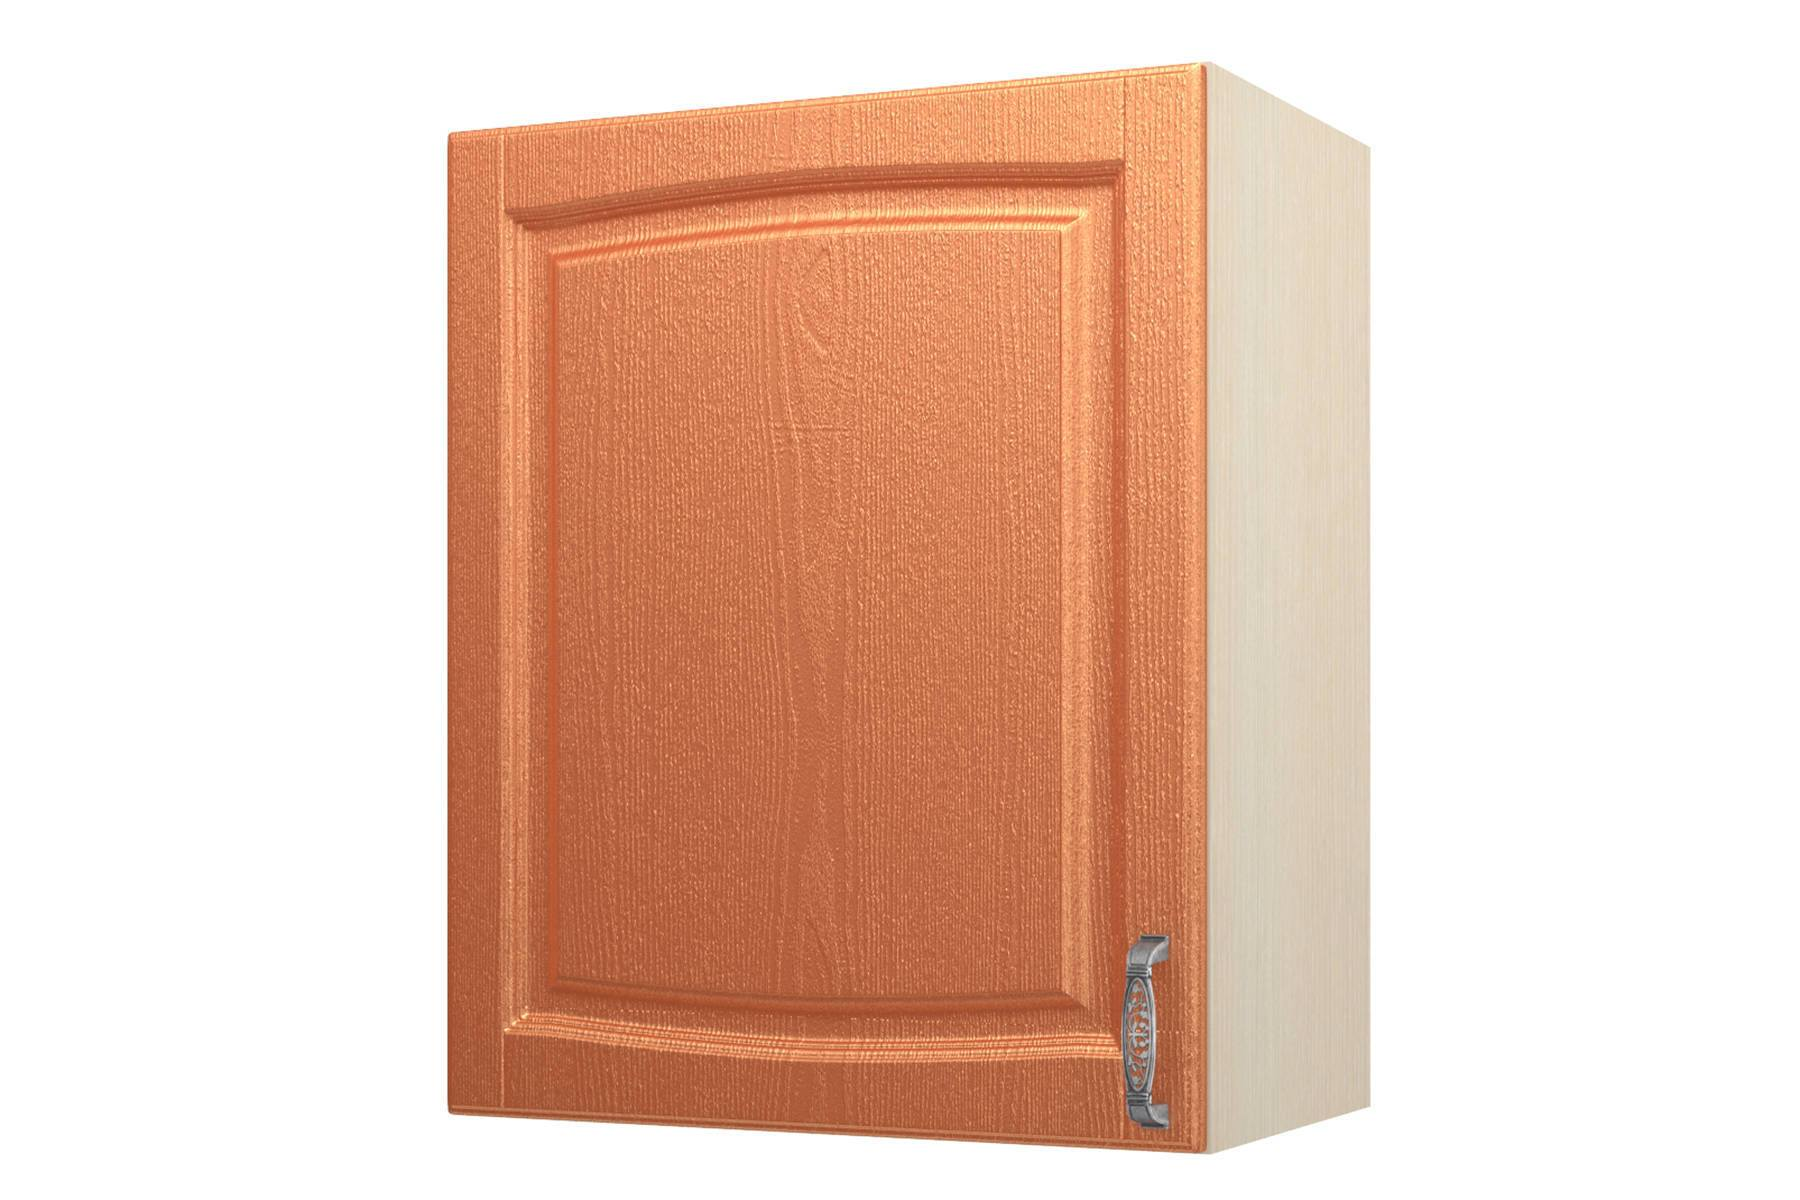 Равенна ART Шкаф-сушка 60, 1 дверь шкаф изотта 23к дверь правая ангстрем